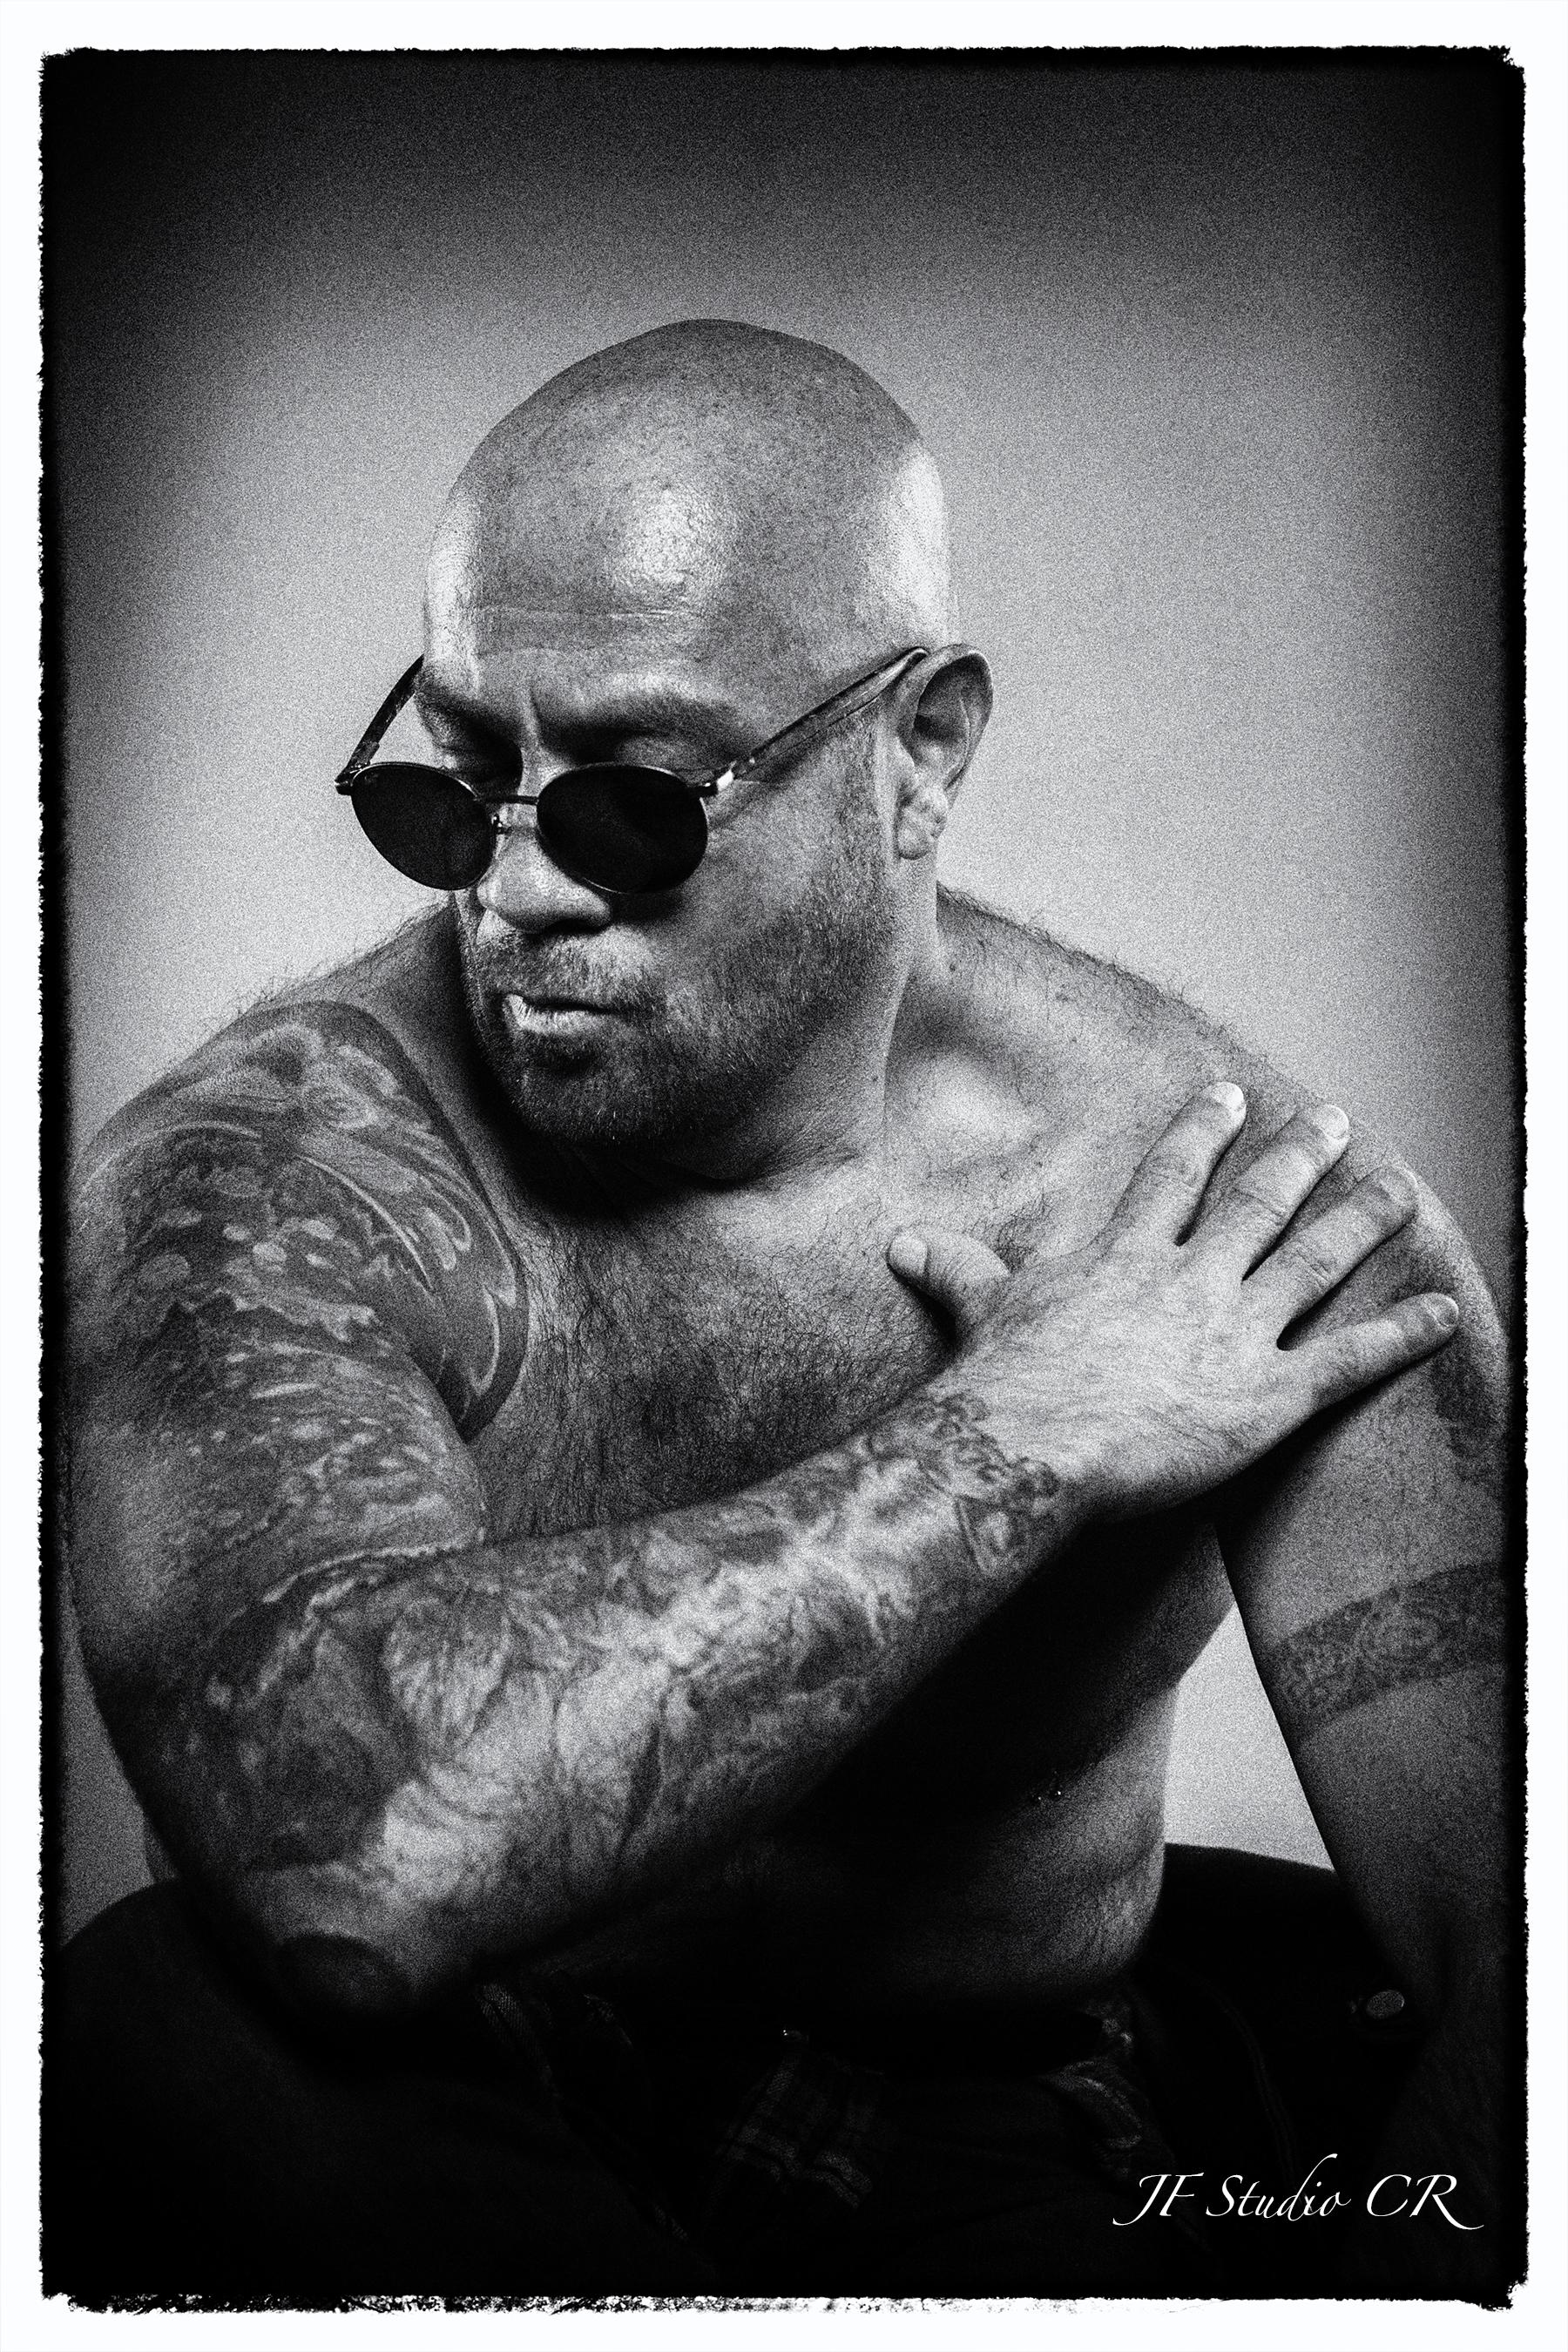 Alvaro el Tatuador